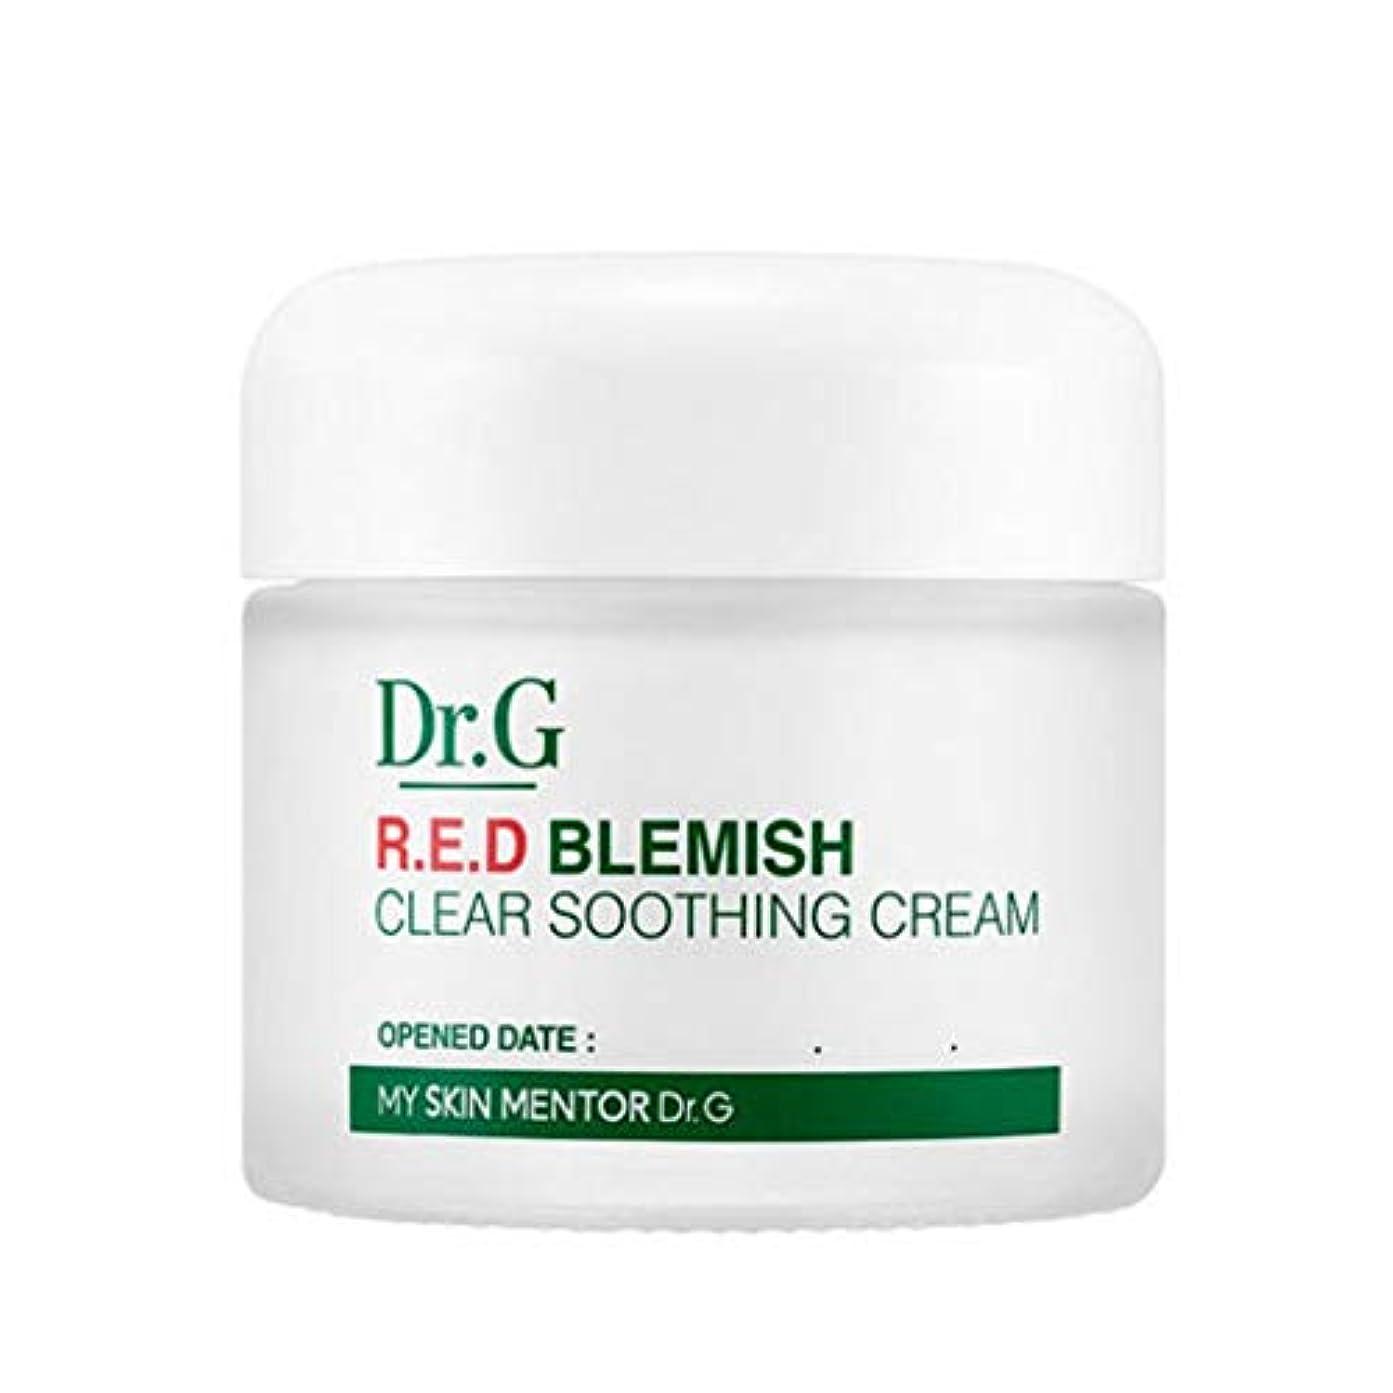 コインランドリー批評モチーフドクターGレッドブレミッシュクリアスージングクリーム70ml水分クリーム、Dr.G Red Blemish Clear Soothing Cream 70ml Moisturizing Cream [並行輸入品]